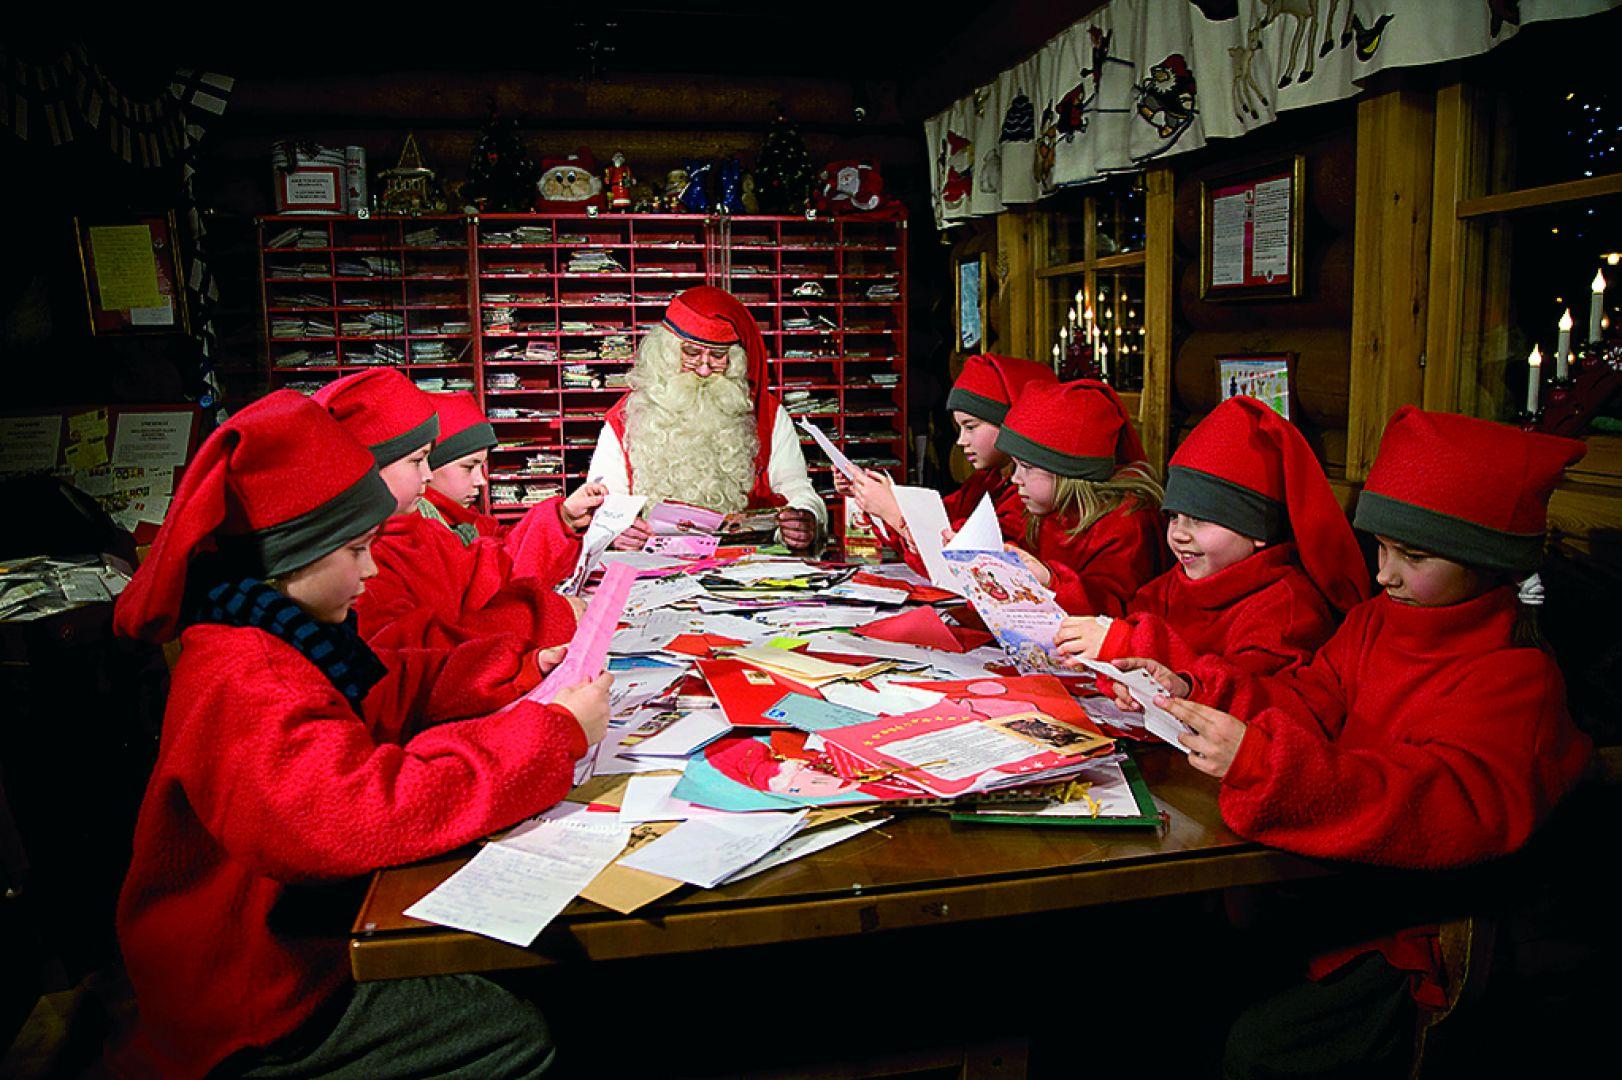 see santa clauss workshop - HD1622×1080